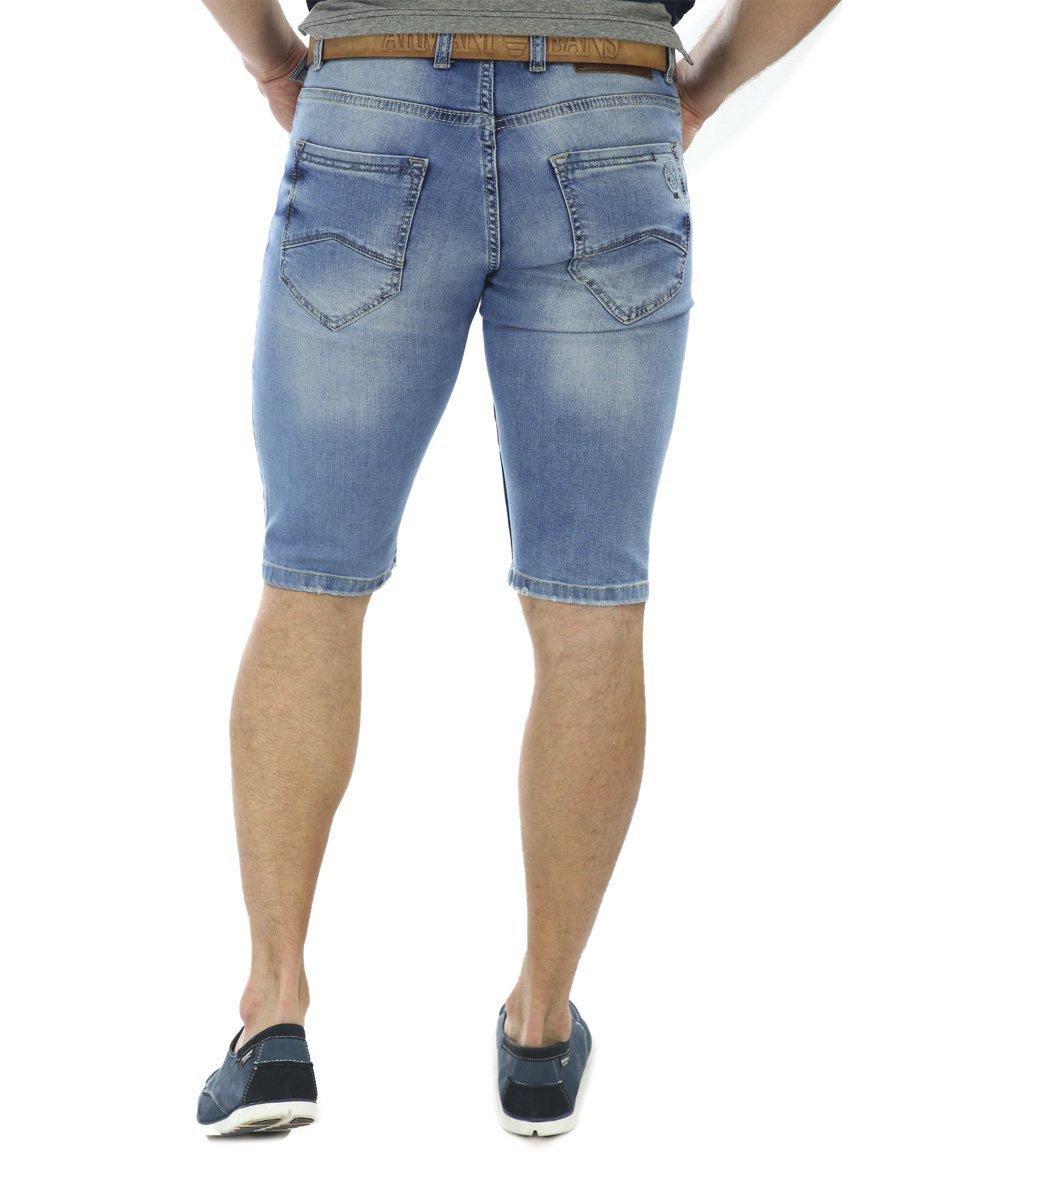 Джинсовые шорты Giorgio Armani+ремень - Голубой - Вид 3